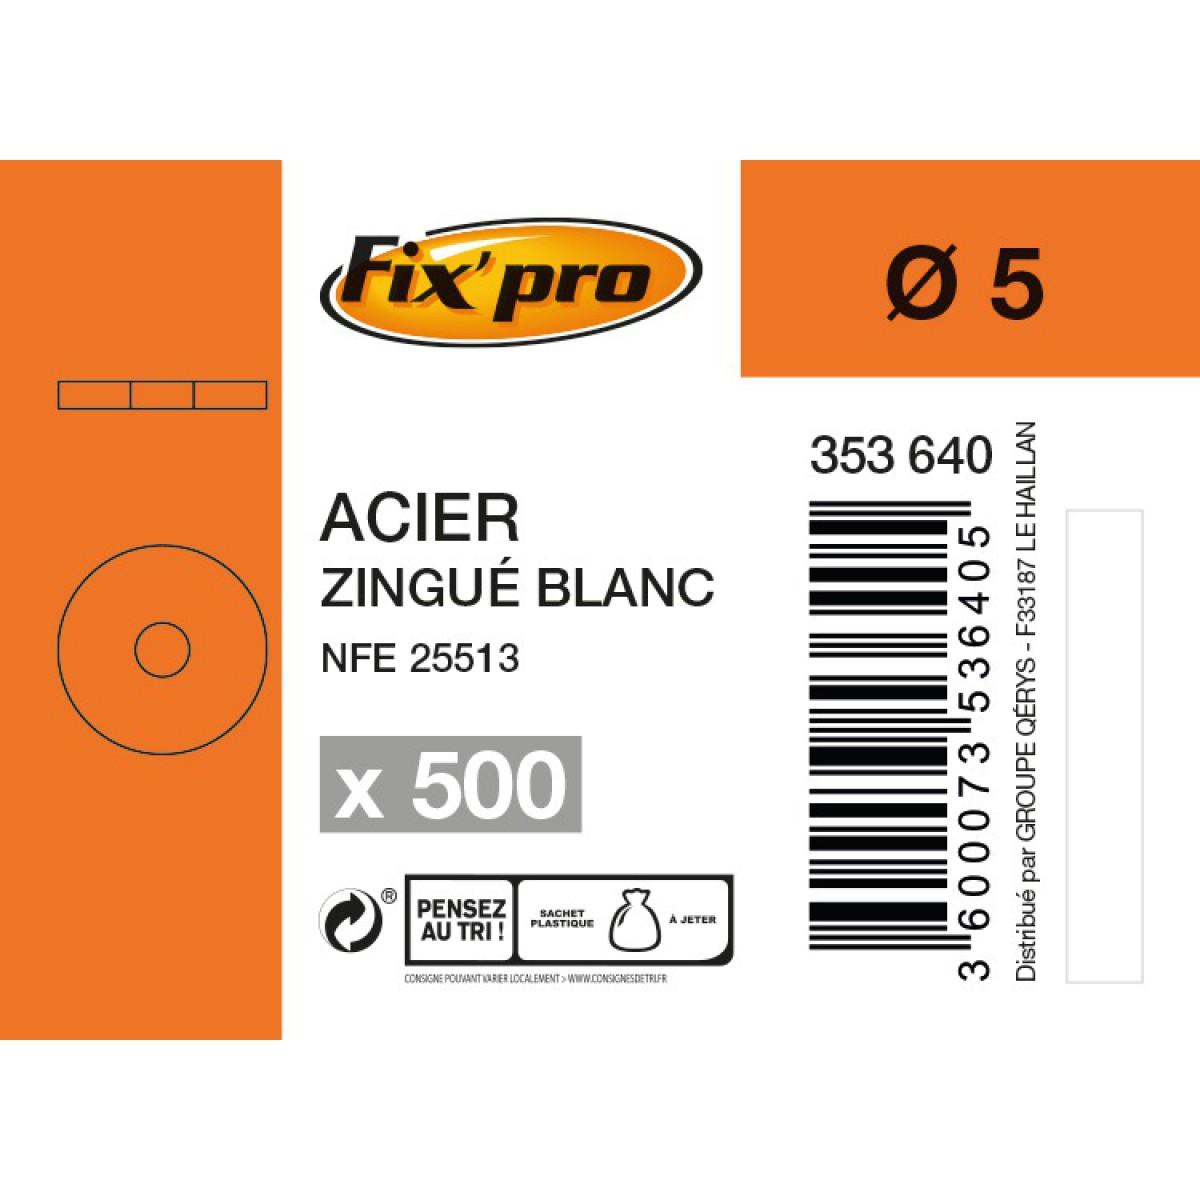 Rondelle carrossier acier zingué - Ø5mm - 500pces - Fixpro